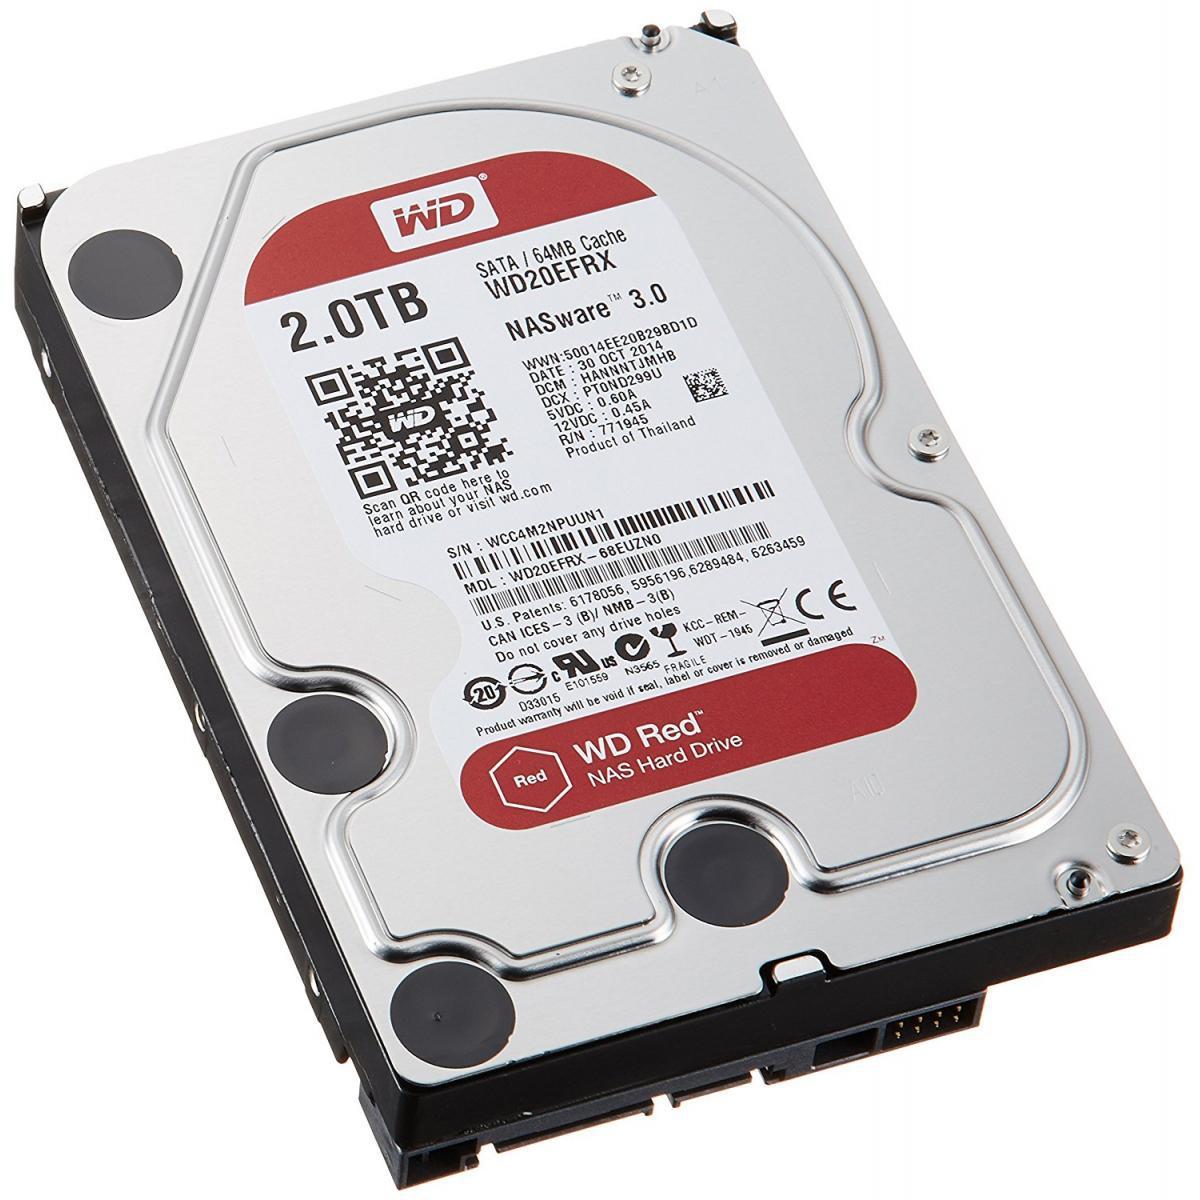 Western Digital Жесткий диск для NAS систем HDD 2Tb WD20EFRX